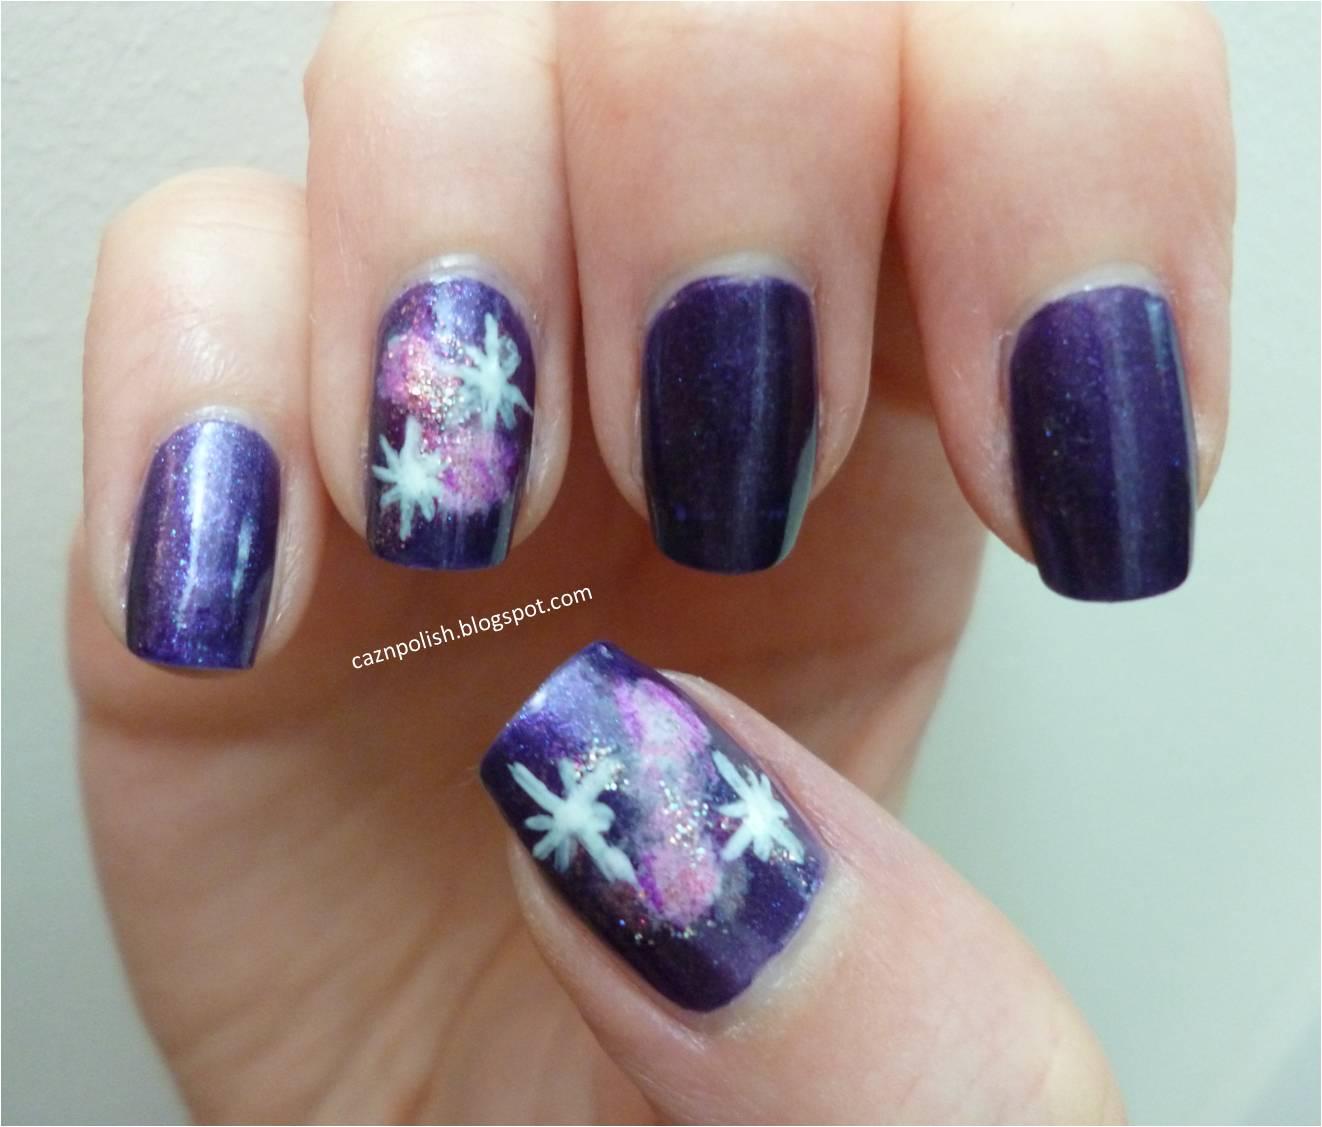 caz 'n' polish | Purple Galaxy Nails